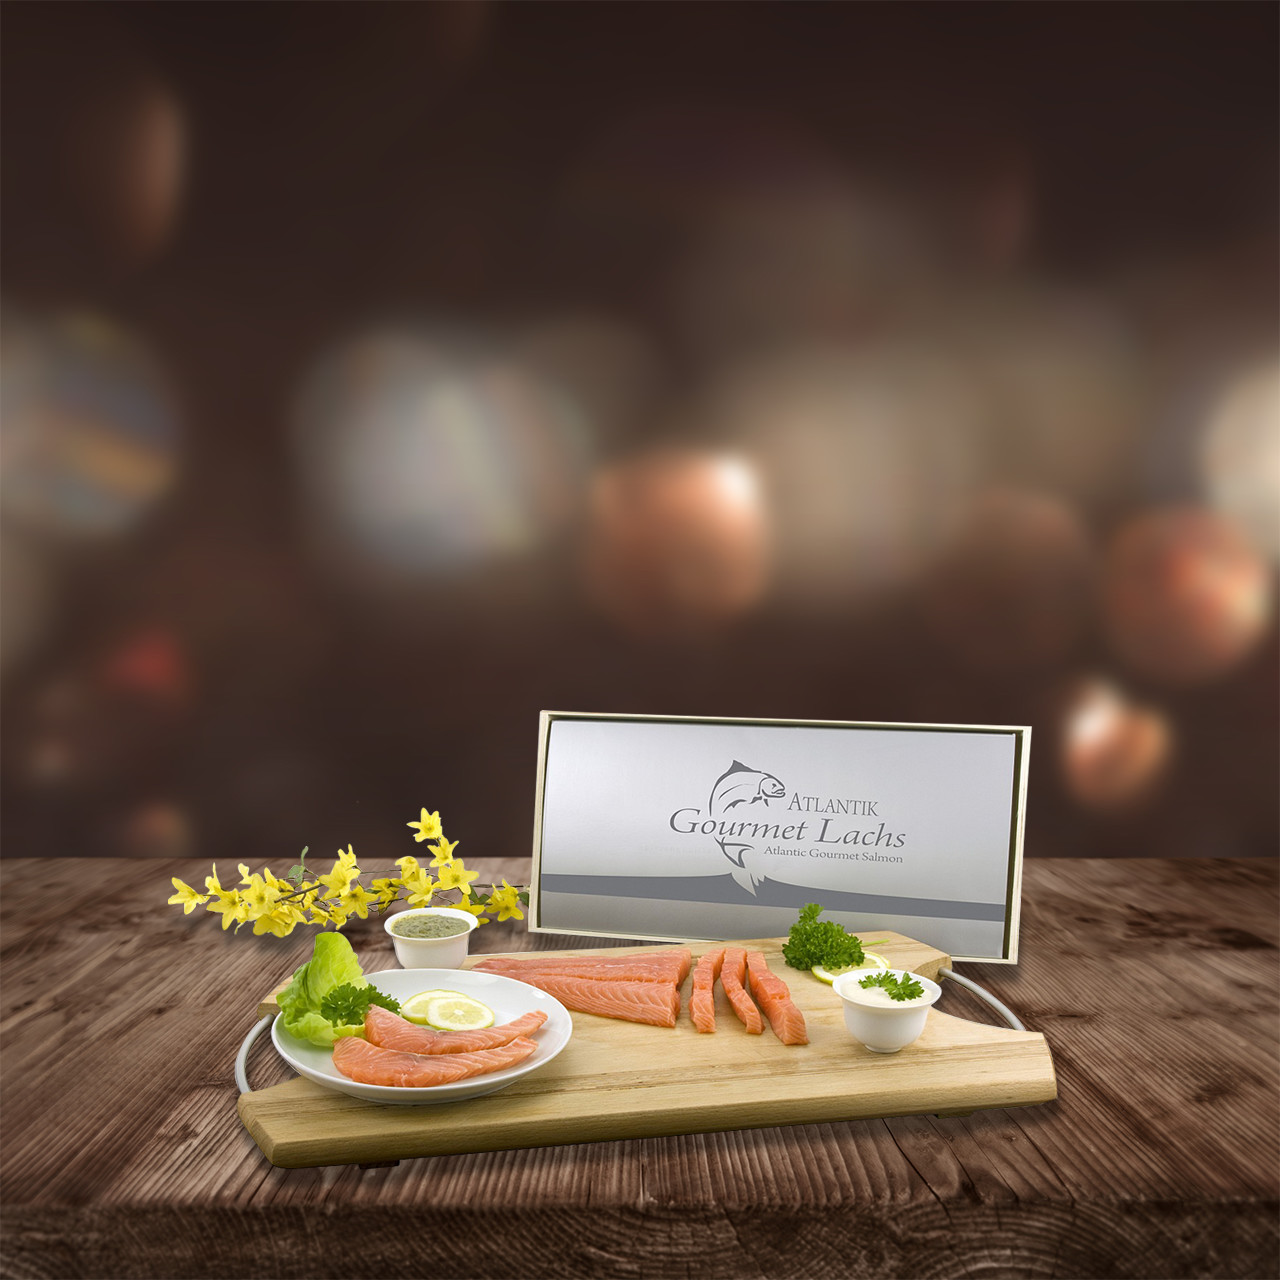 Gourmet-Lachs